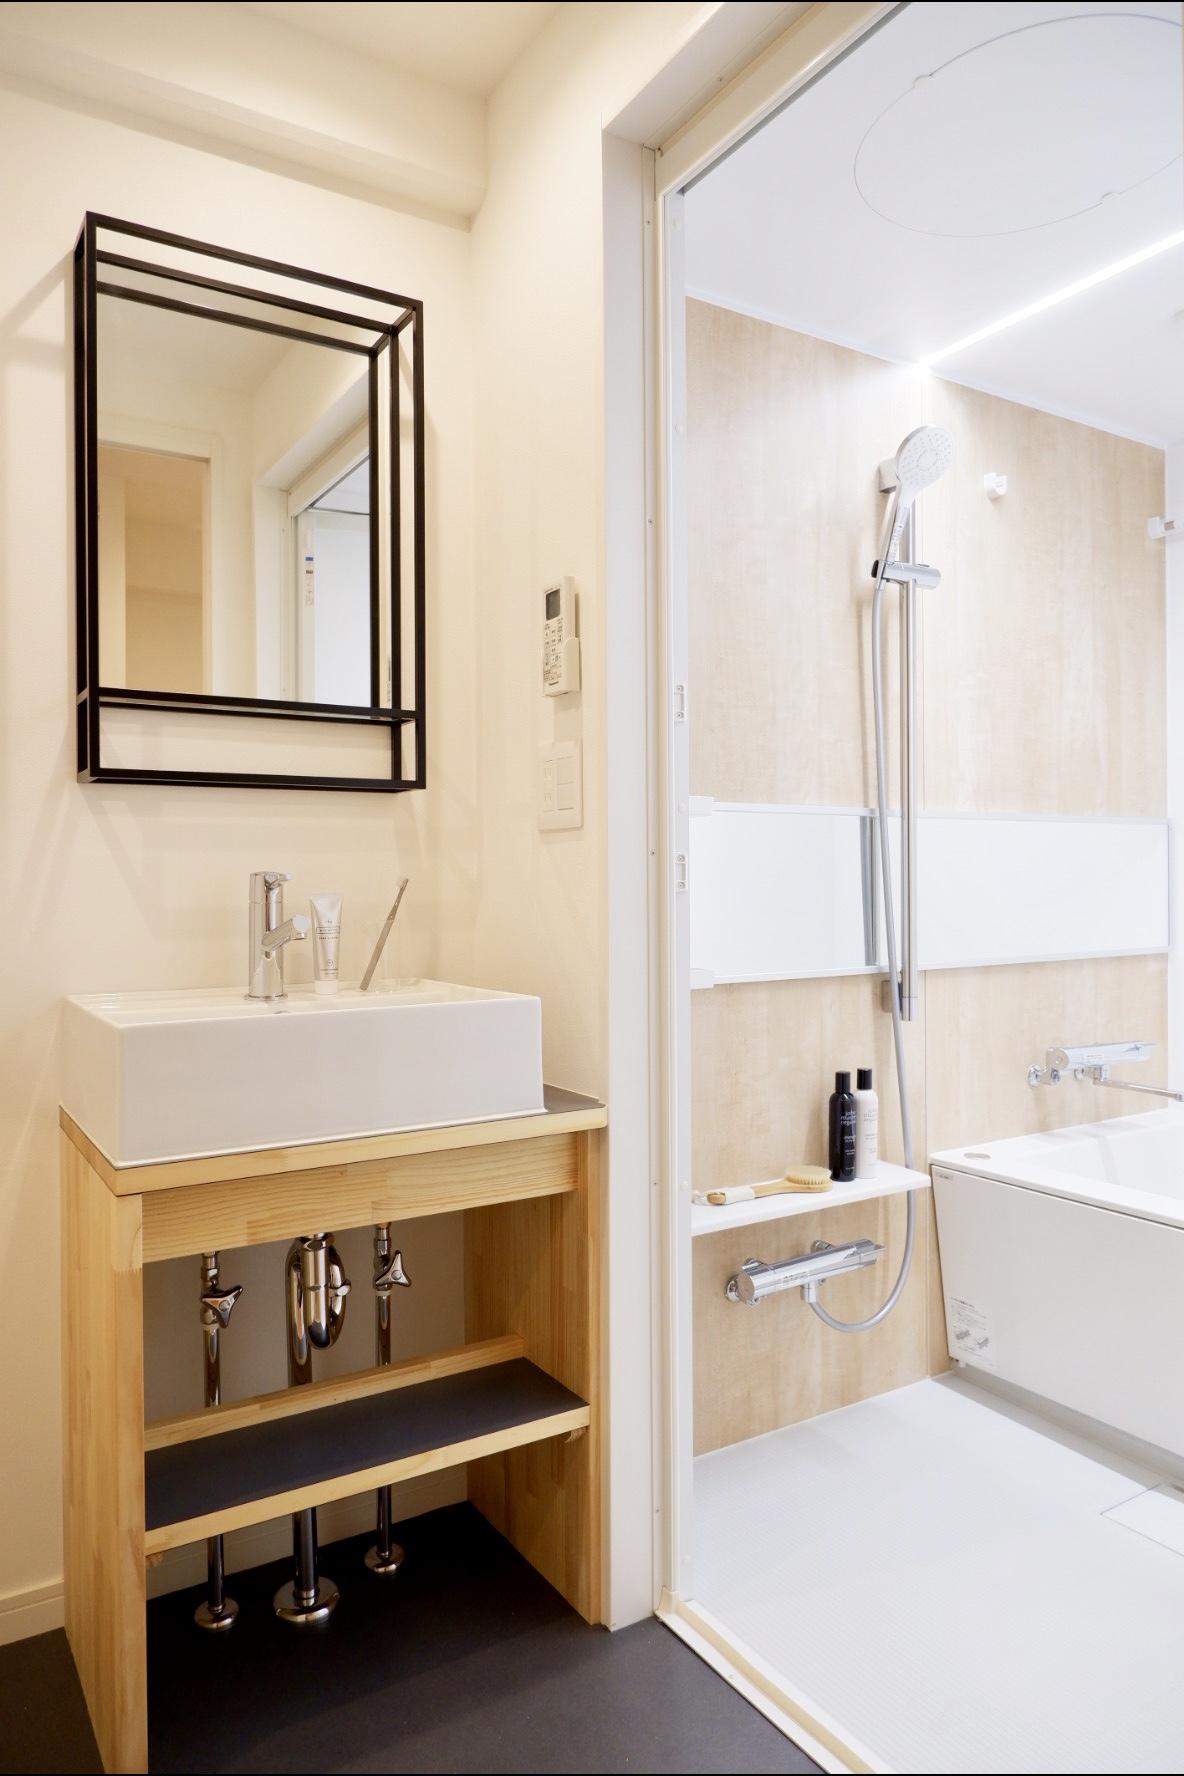 水回りもホテルライクな仕様にリノベーション。こんな独立洗面台、なかなかないですよね。バスルームも広々としていて気持ちの良い空間に仕上がっています。